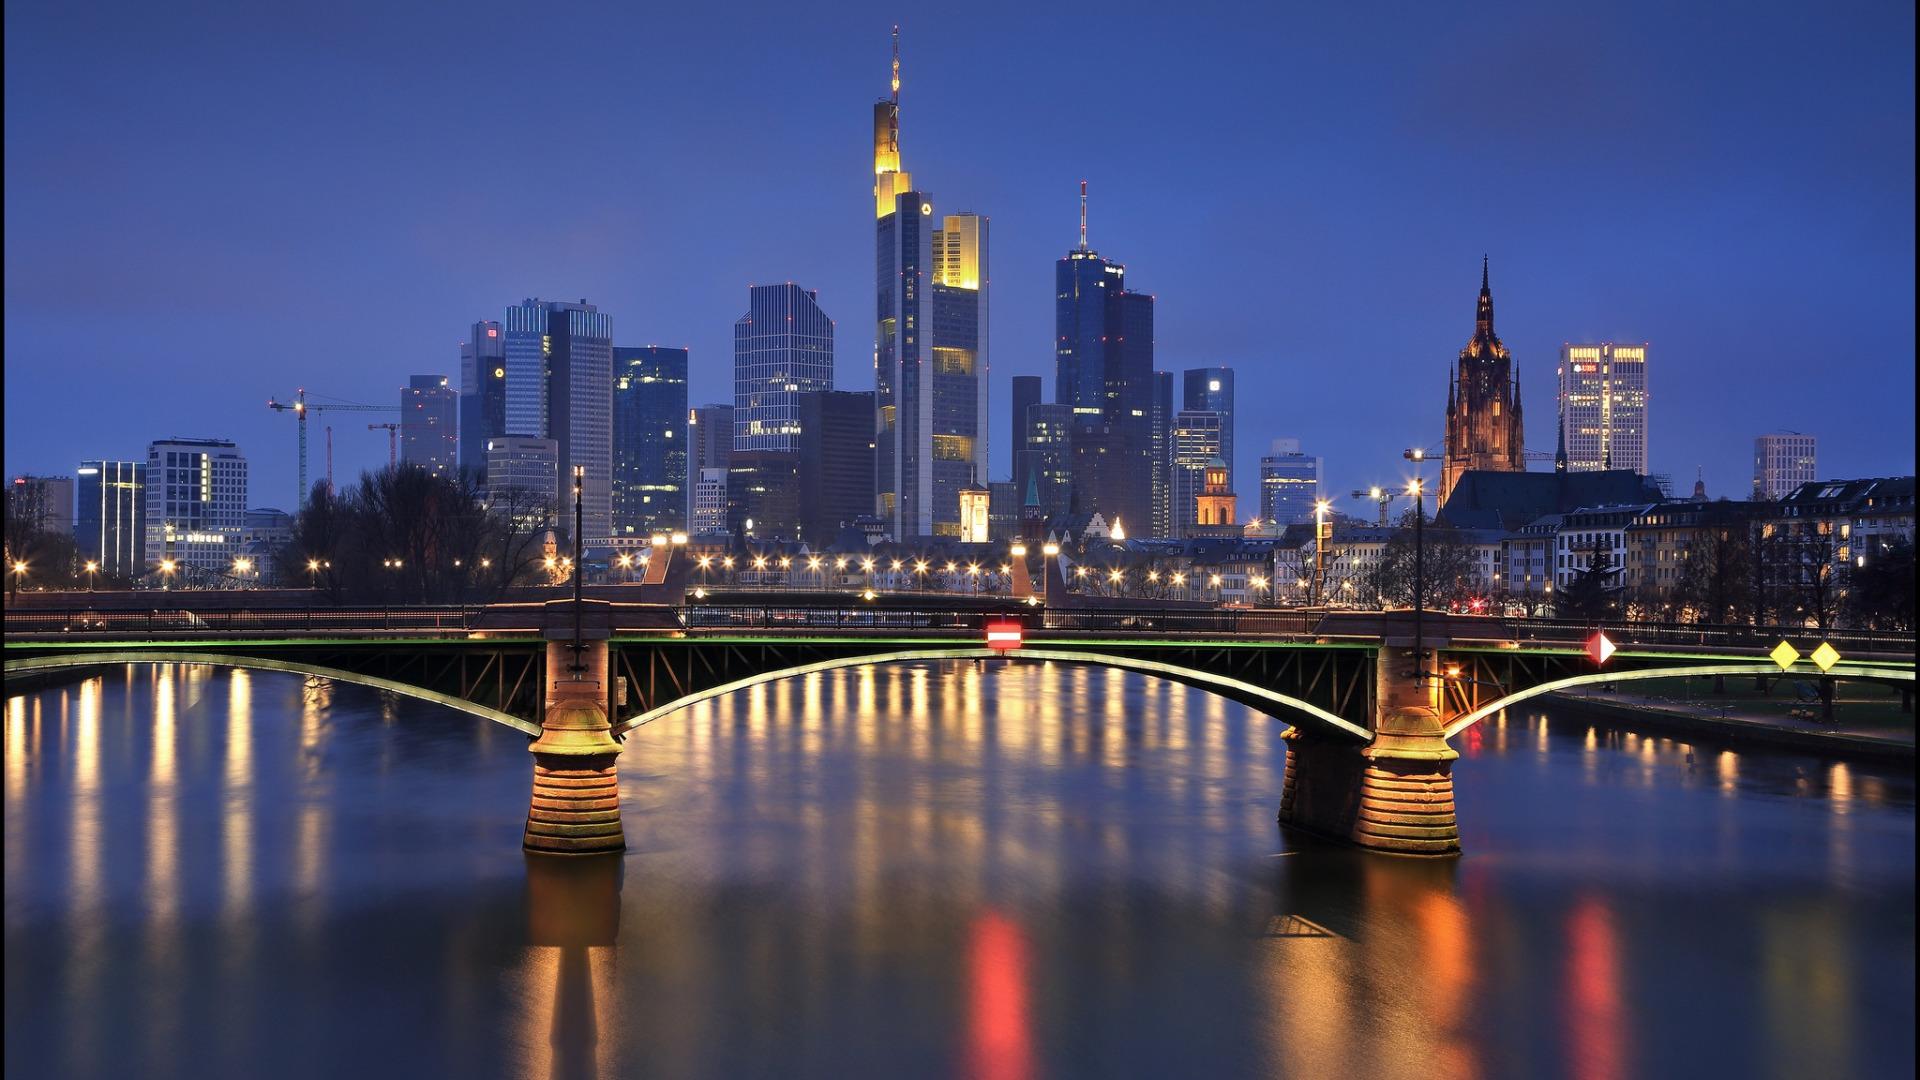 страны архитектура вечер город Франкфурт-на-Майне Германия  № 155577  скачать